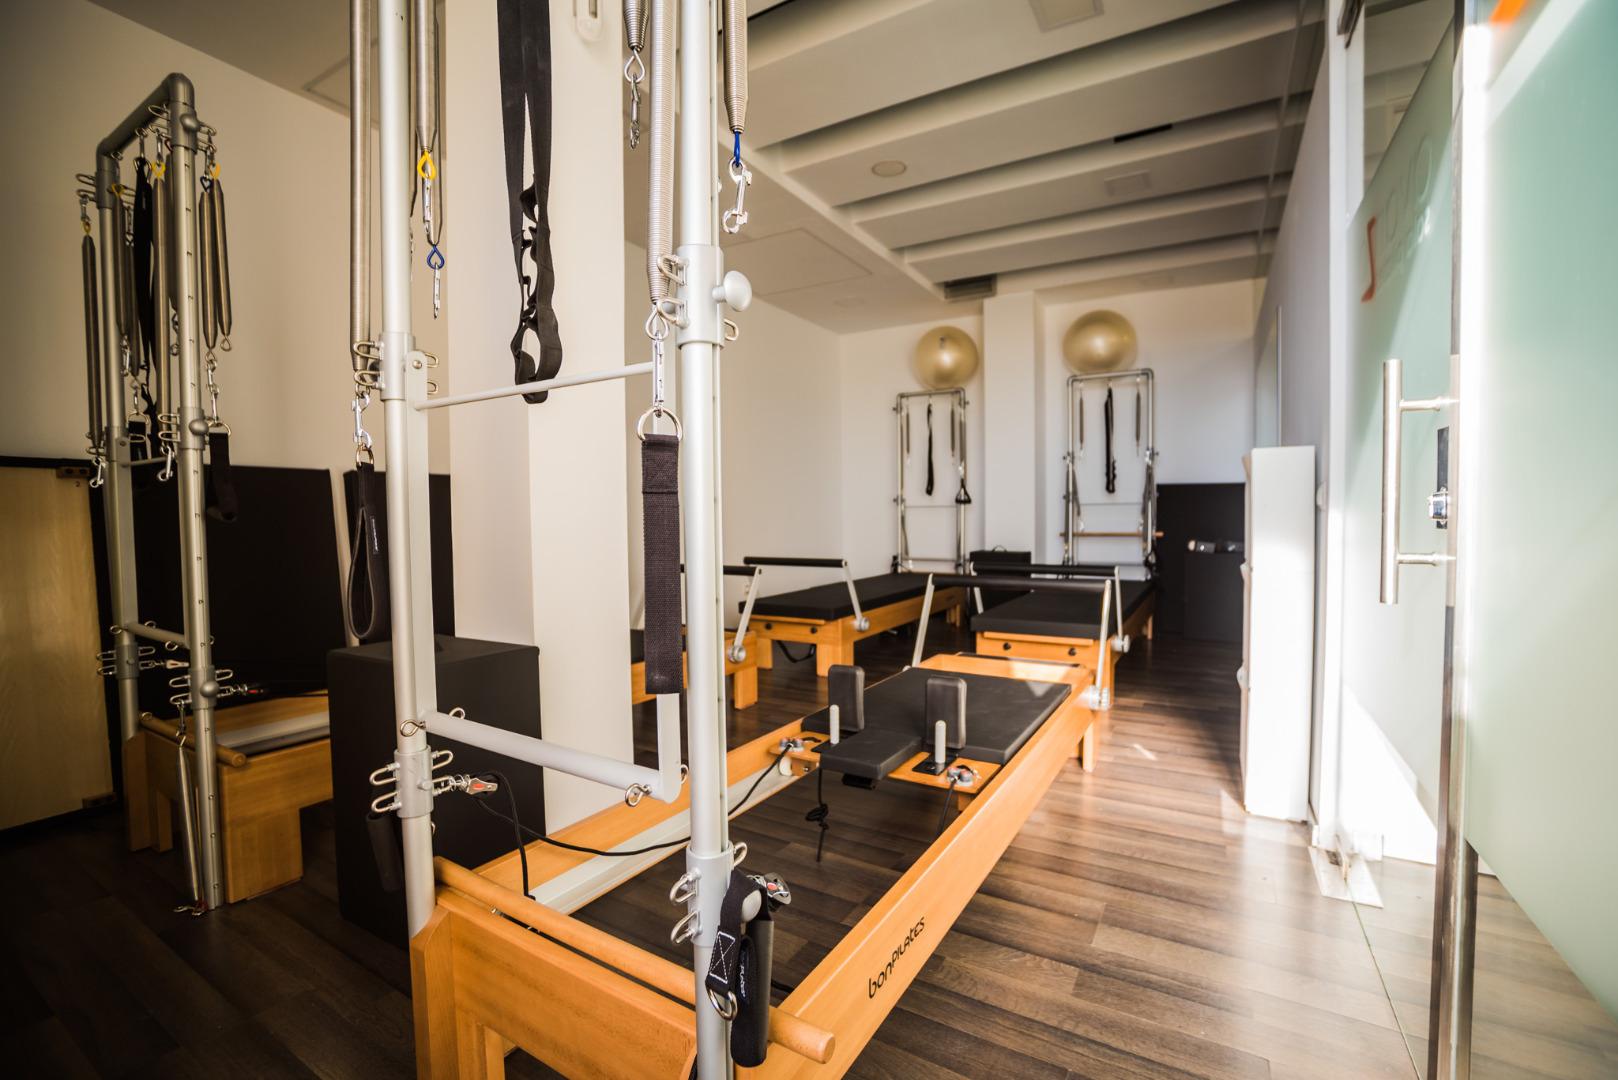 Where find parlors nude massage  in Fuencarral-El Pardo  (ES)